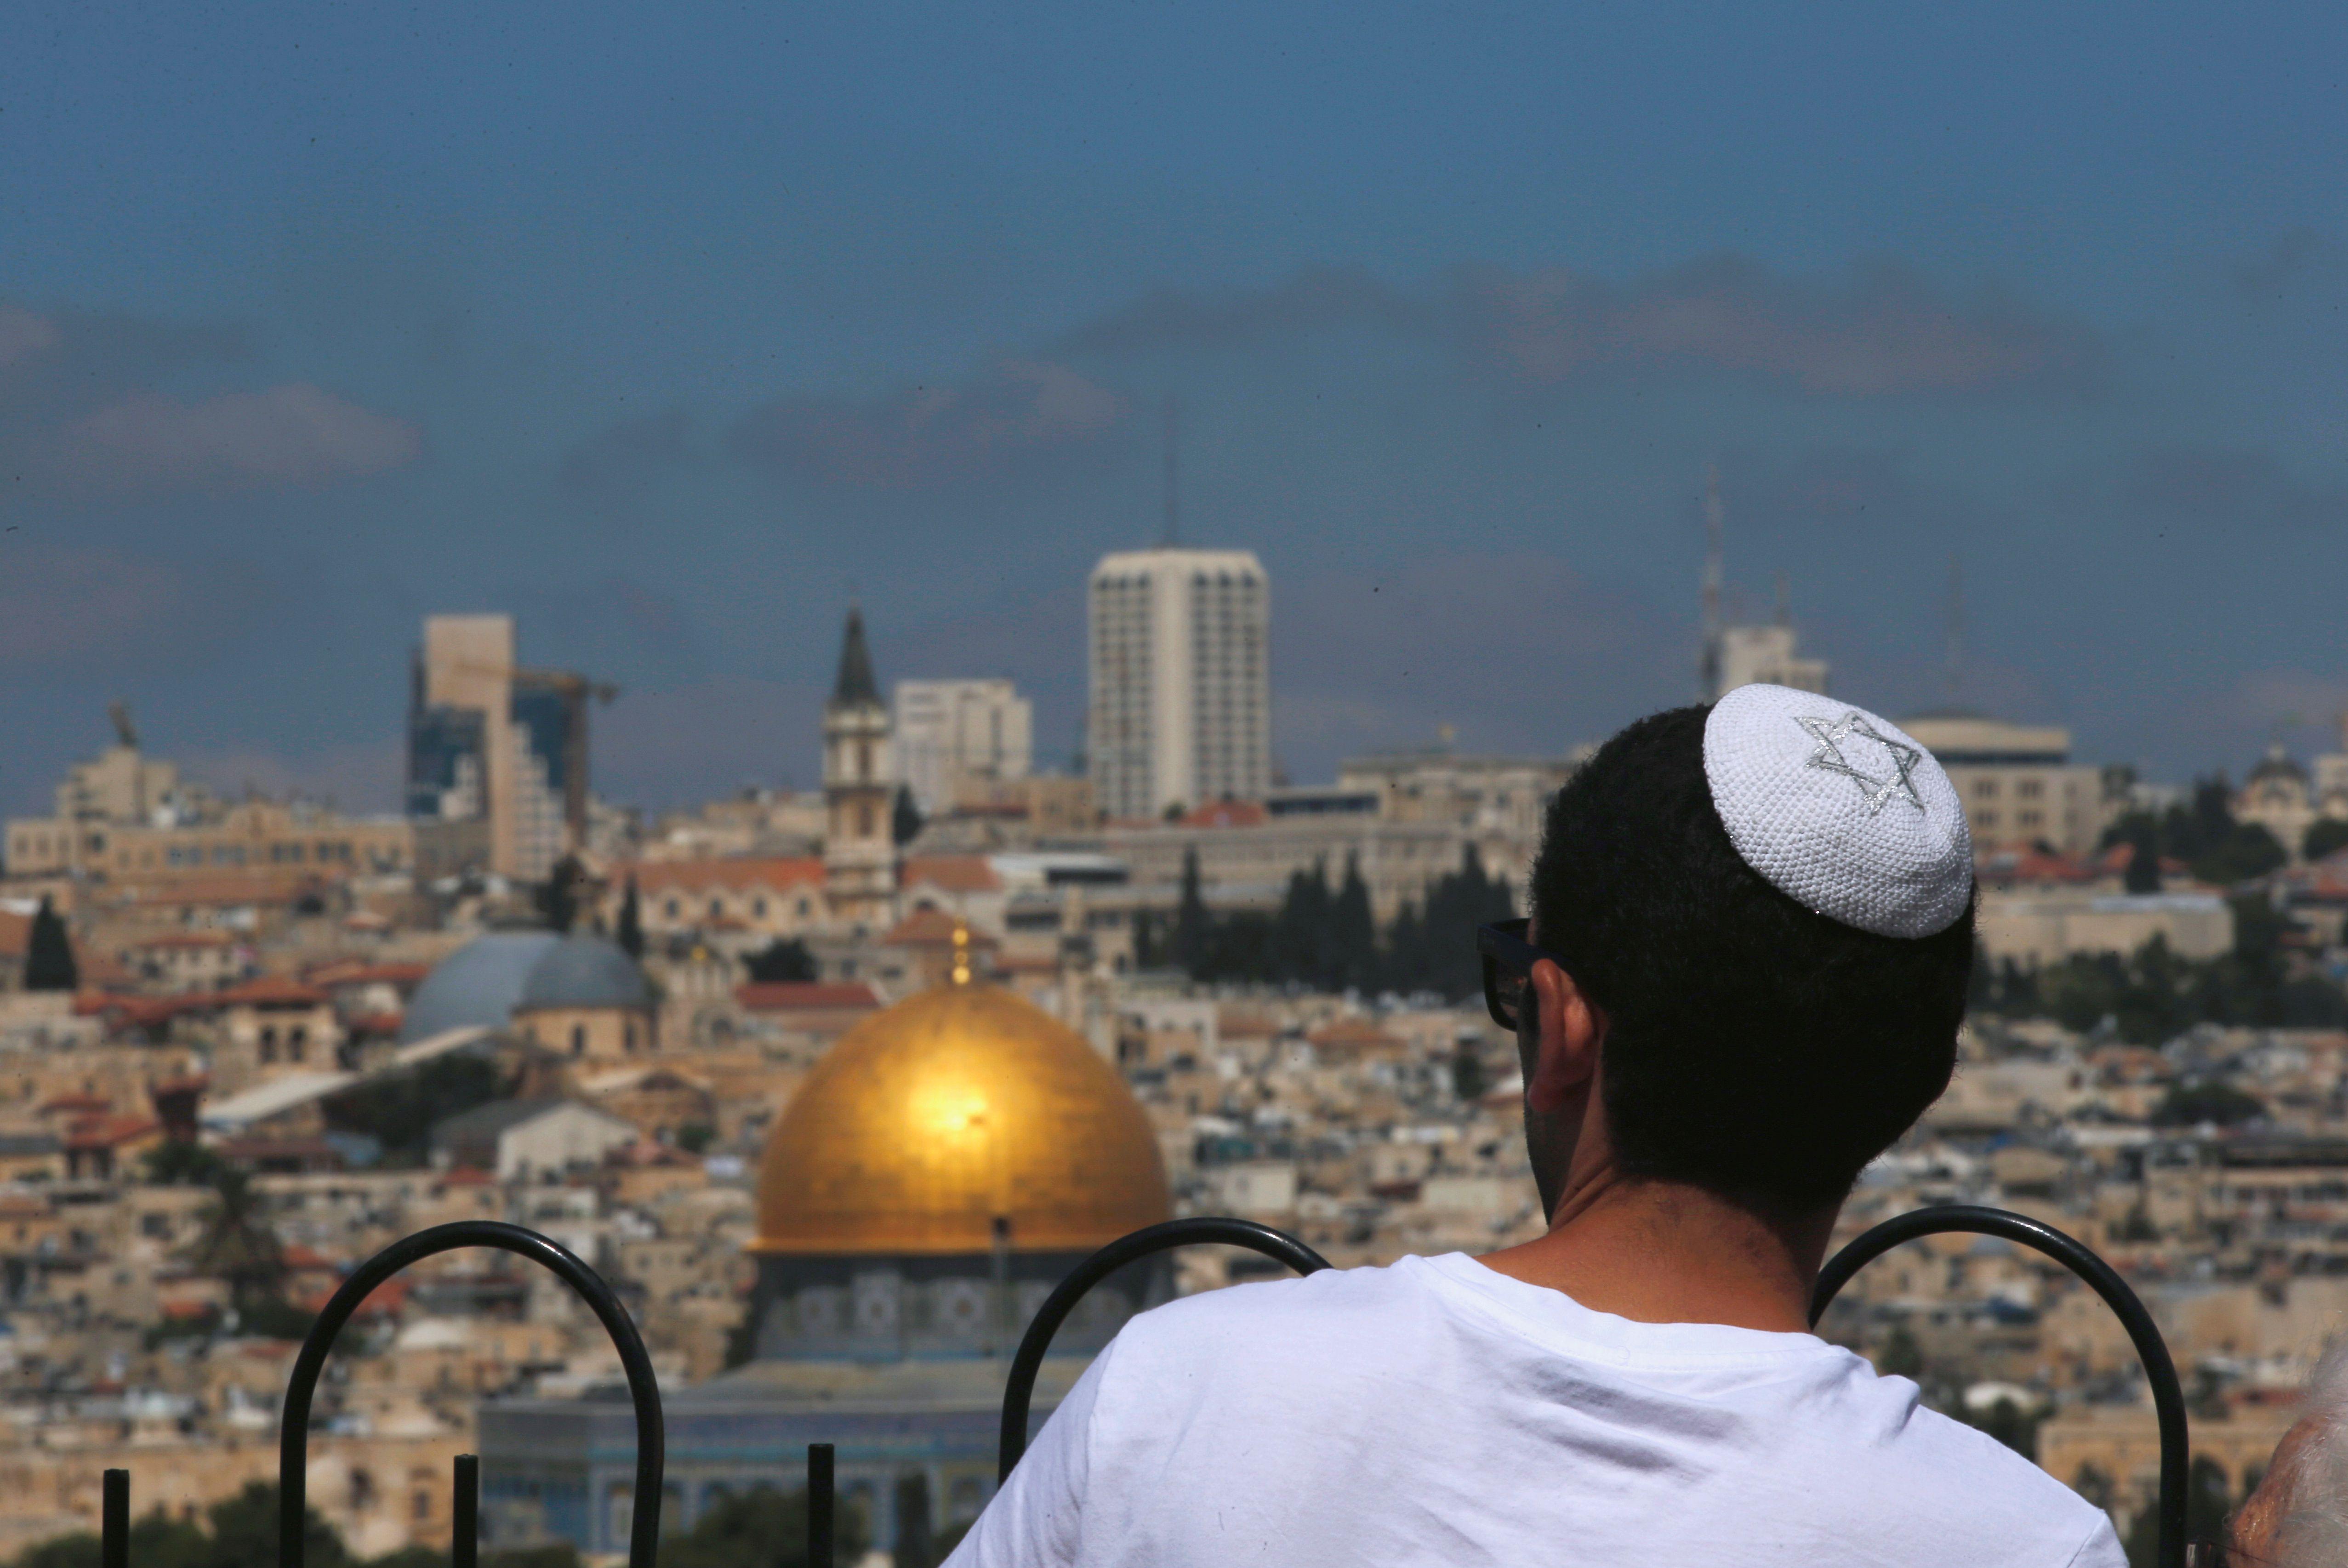 L'ambassade américaine à Jérusalem ouvrira avant la fin de l'année 2019